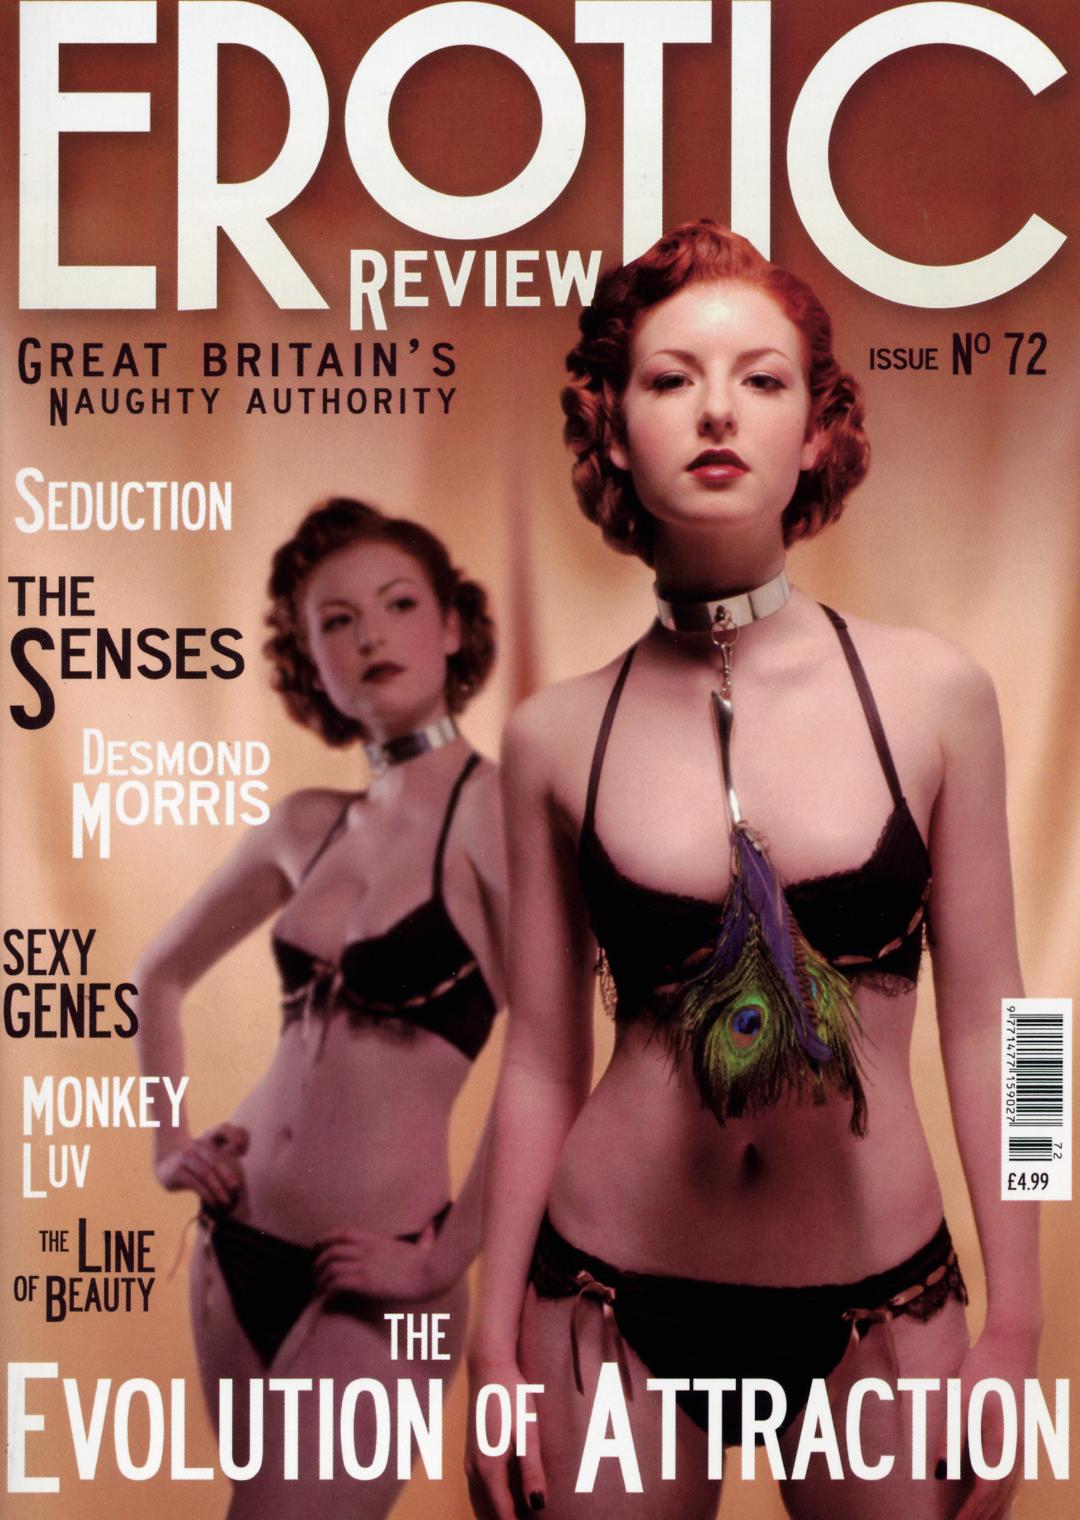 Erotic Review